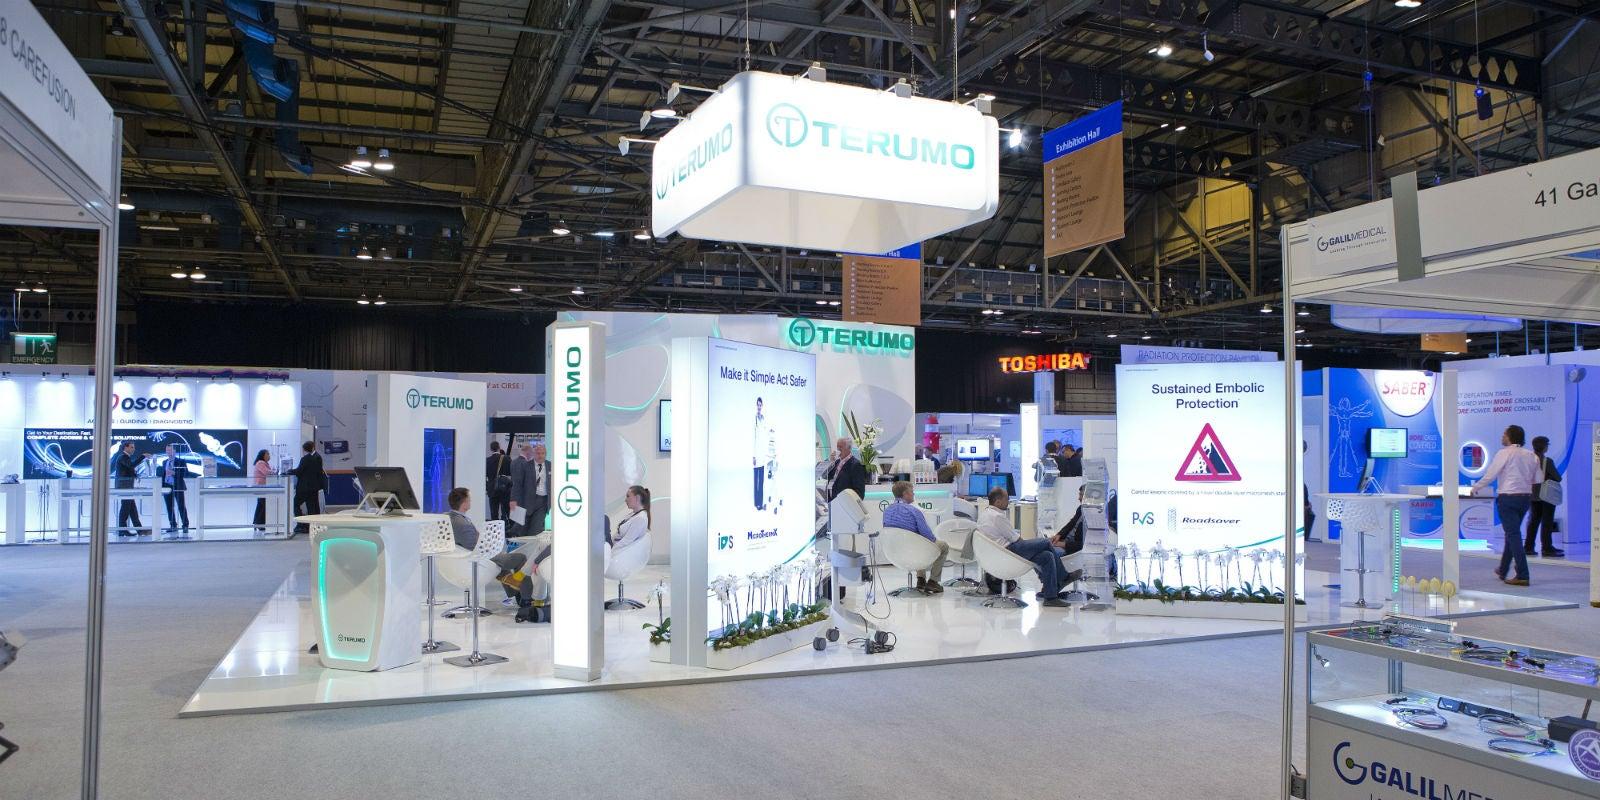 conferences_associationEU_slideshow8.jpg